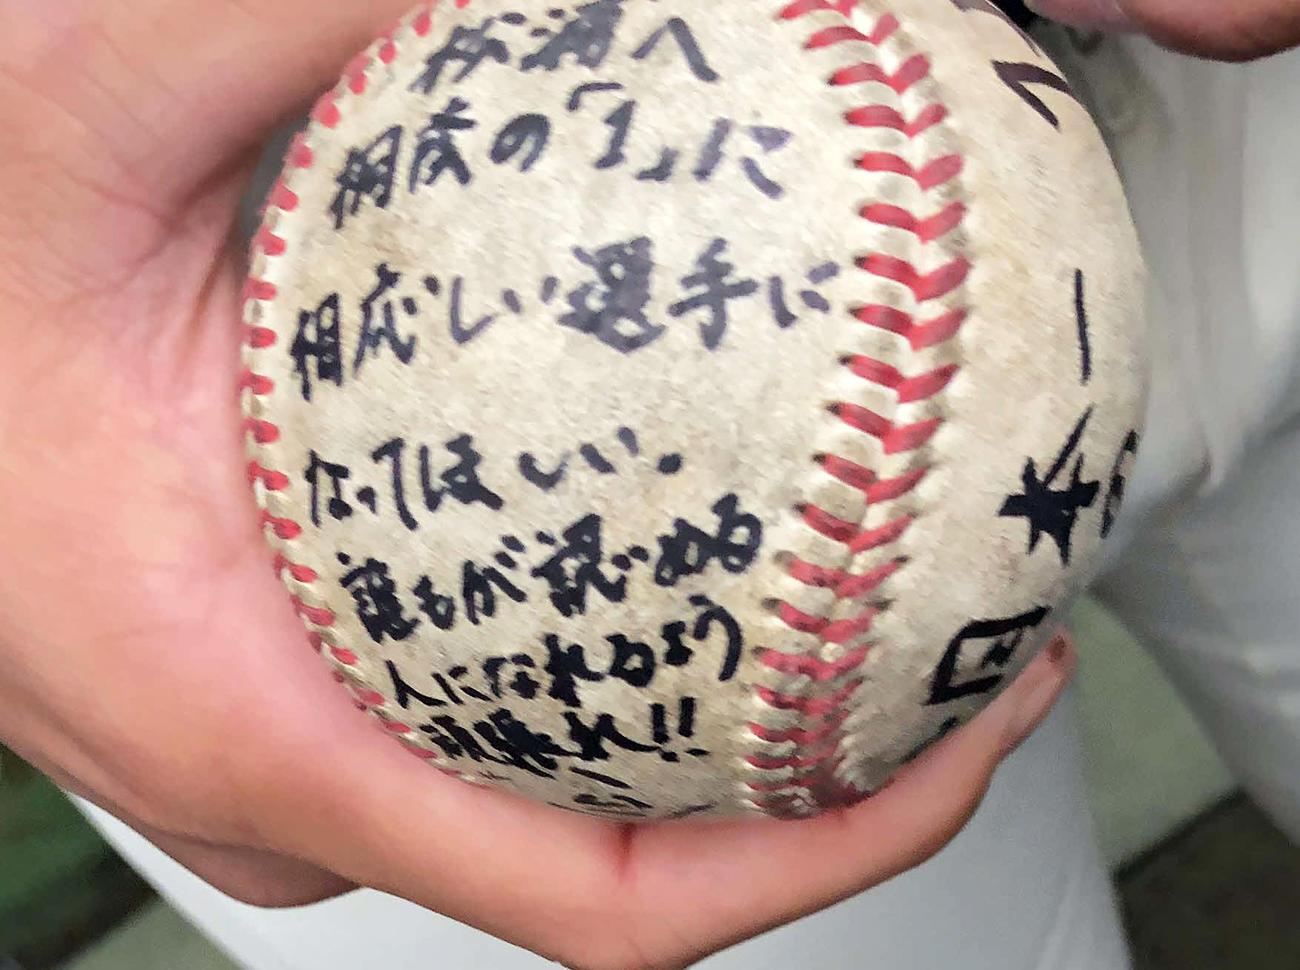 大阪桐蔭・松浦が譲り受けたボール